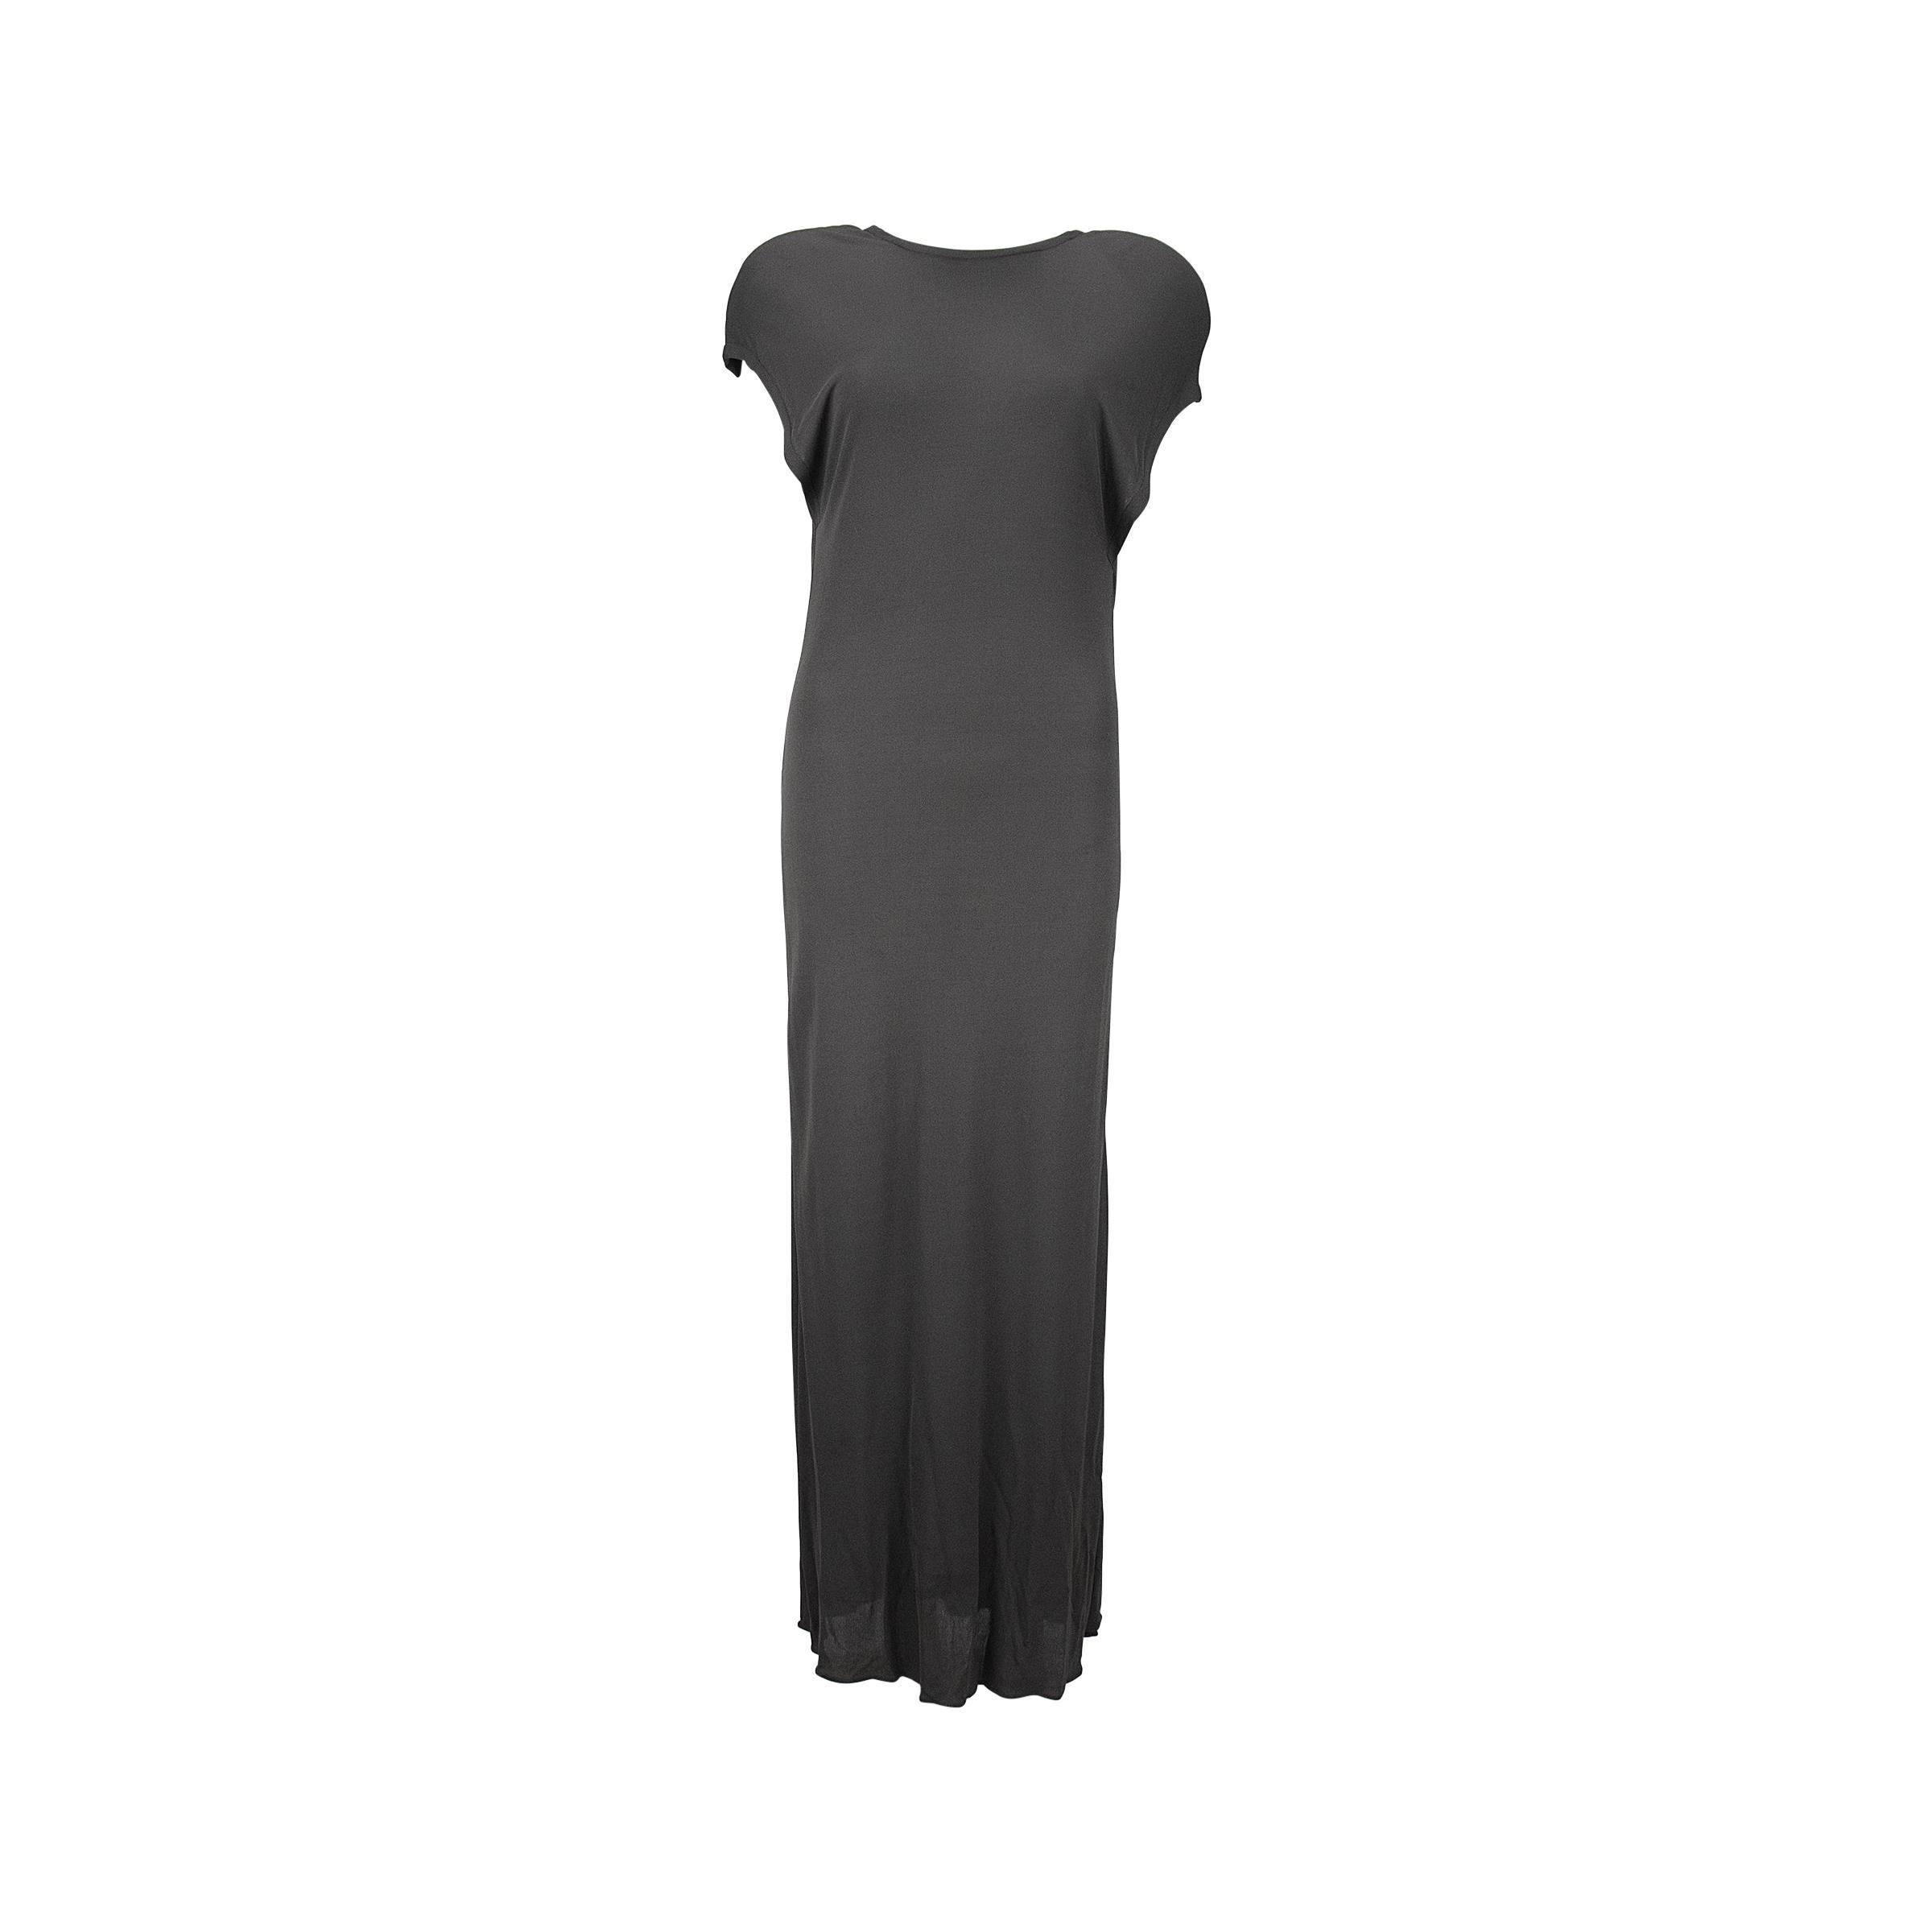 1980s Calvin Klein Gray Rayon Open Neck Maxi Dress